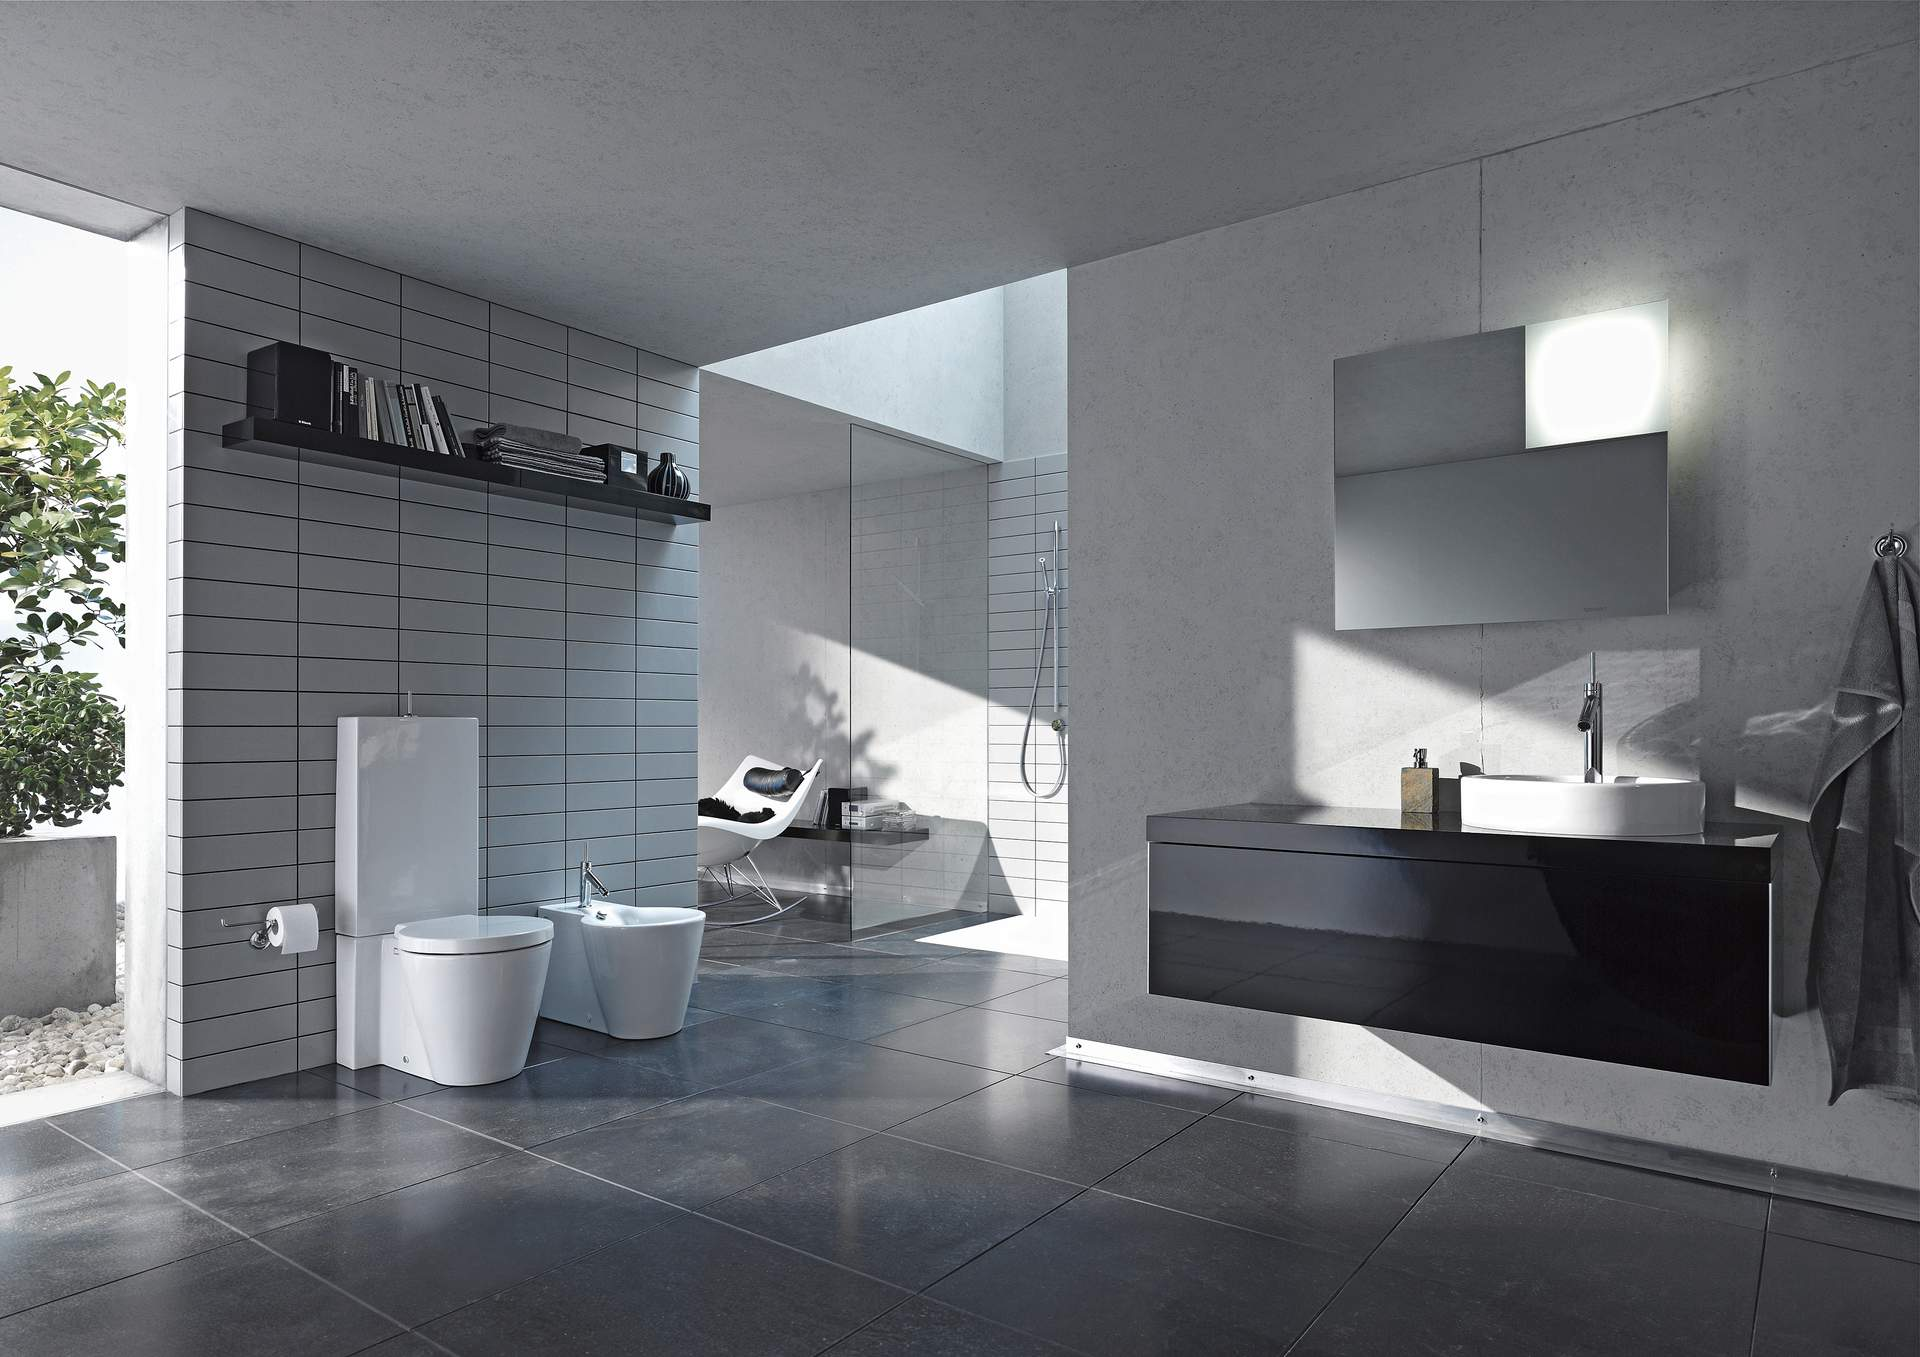 Badkamer Ontwerpen Ideeen : Badkamer ontwerpen ideeën voor uw badkamer duravit